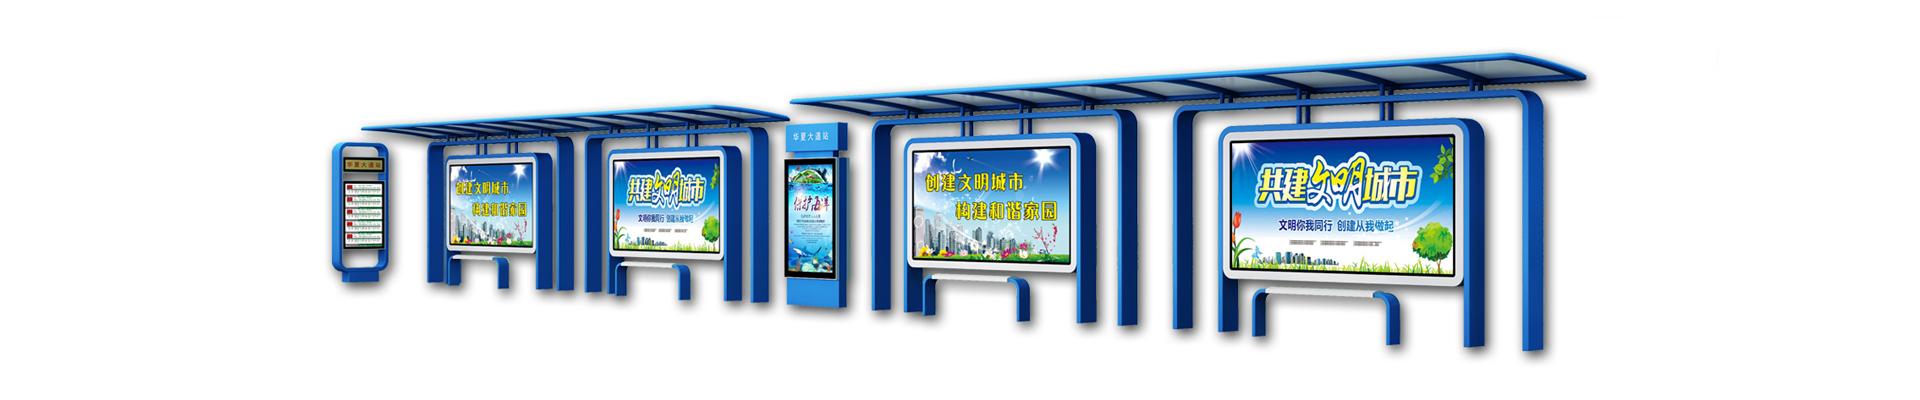 宿迁市金德广告设备有限公司